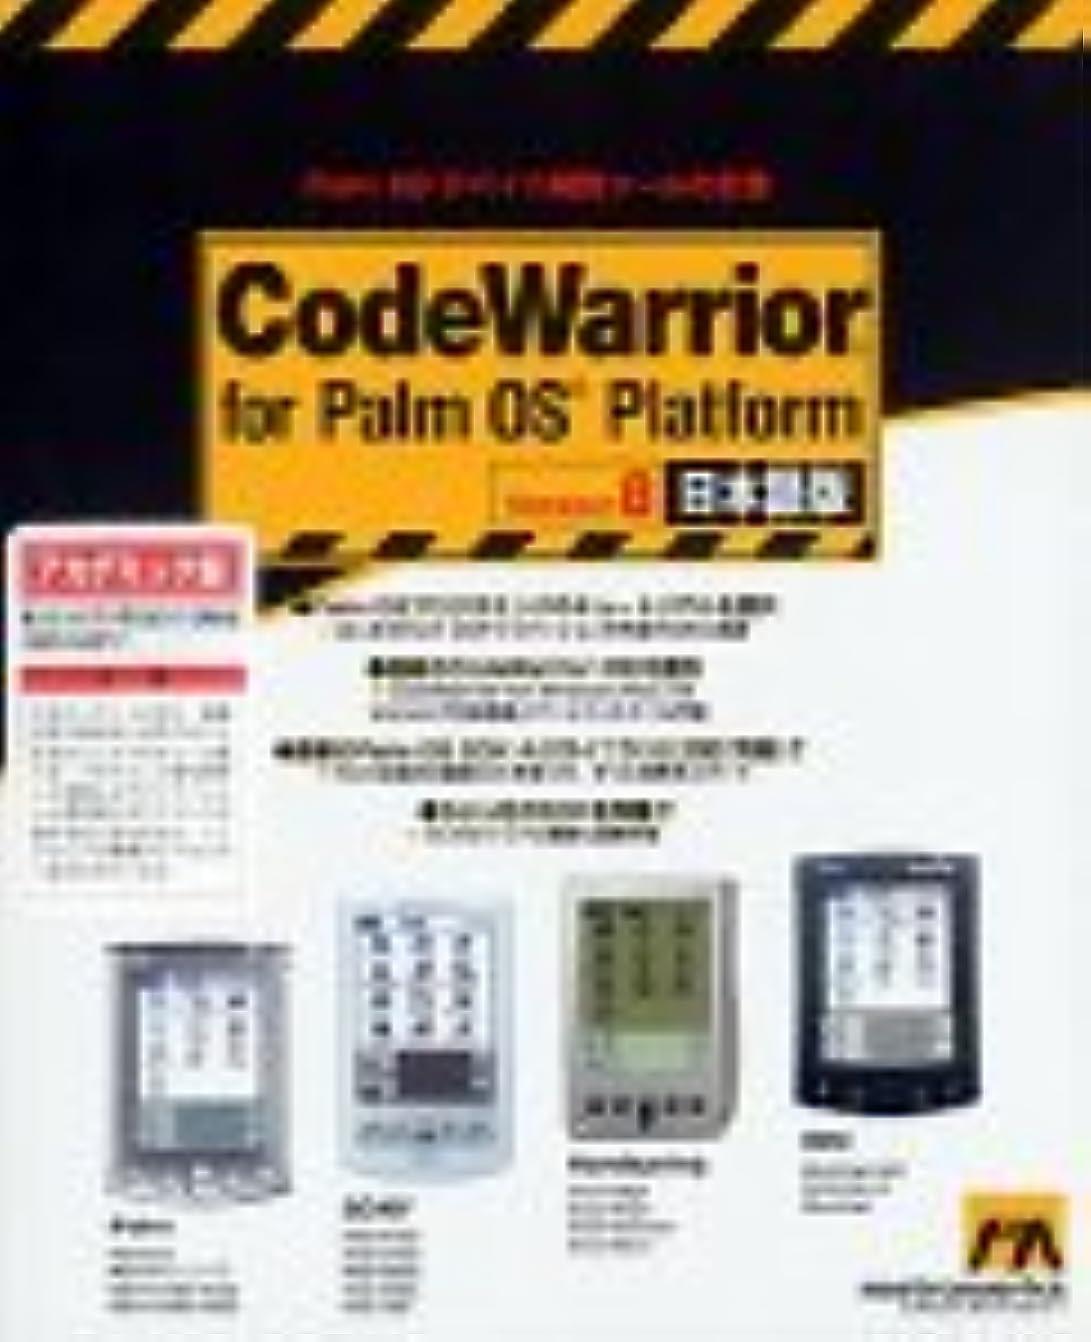 バクテリア設置支援するCodeWarrior for Palm OS Platform Version 8 日本語版 アカデミック版